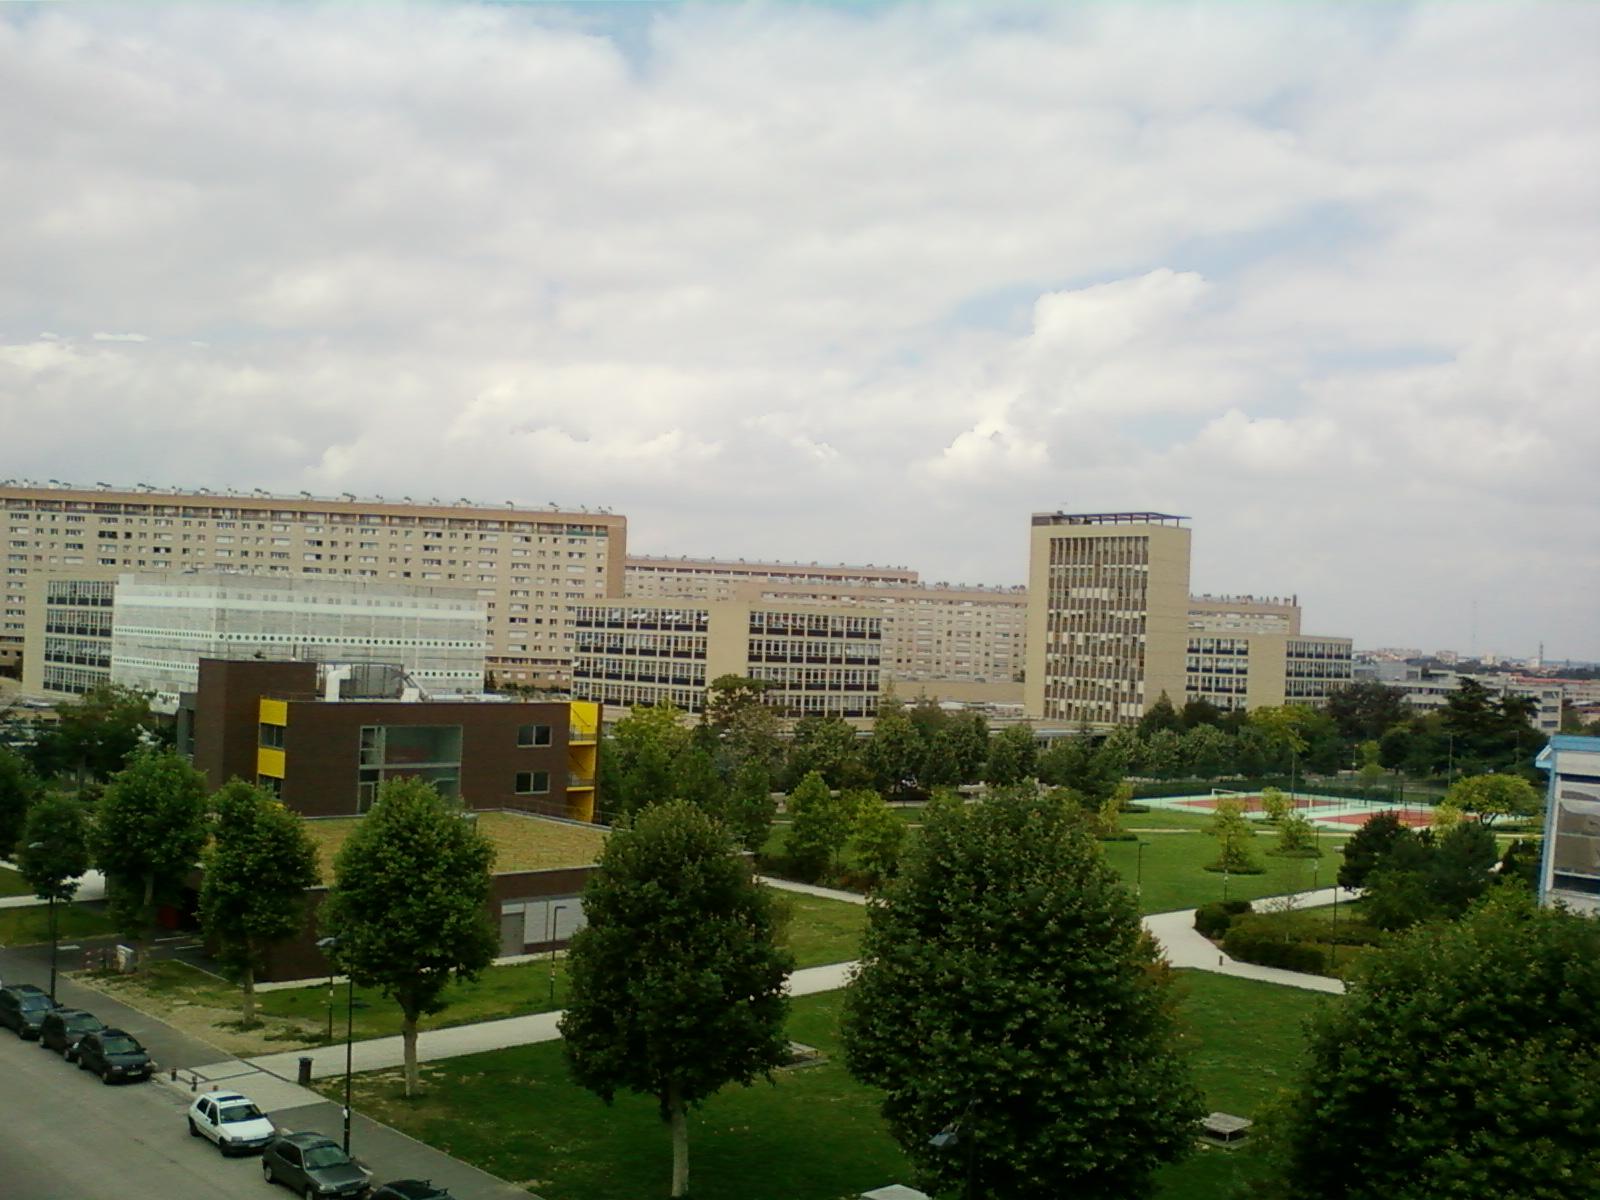 Universit paris ouest nanterre la d fense - Piscine nanterre universite ...